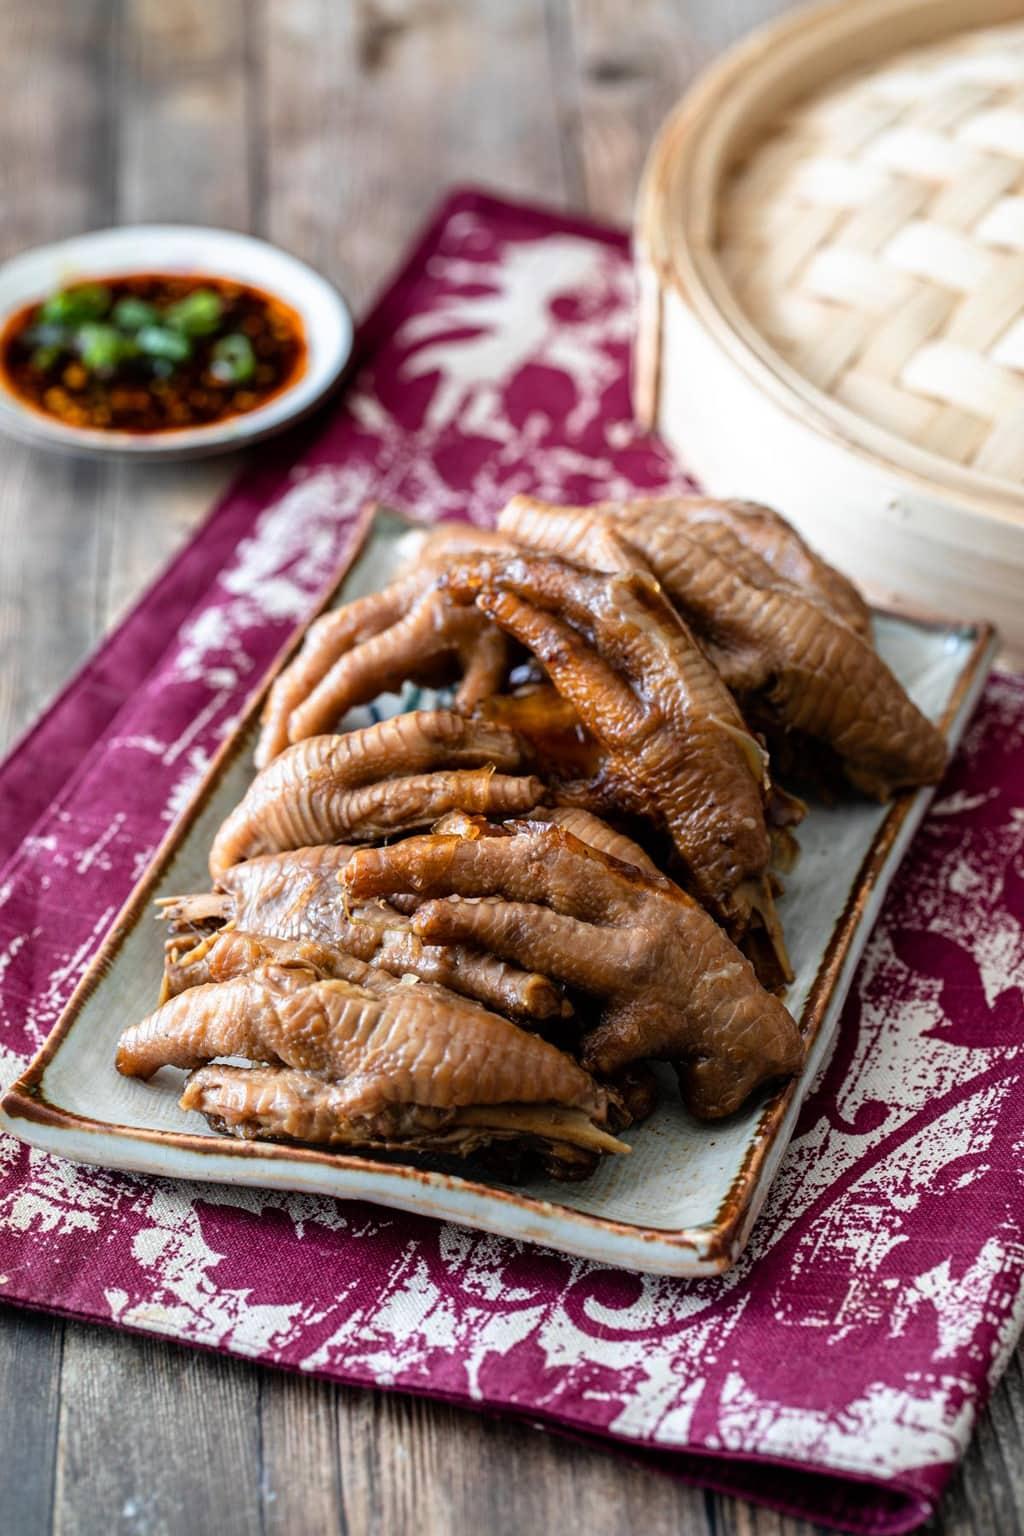 滷雞爪 (滷鳳爪) 香Q不破皮的秘訣-經典台式滷味-Instant Pot中文食譜